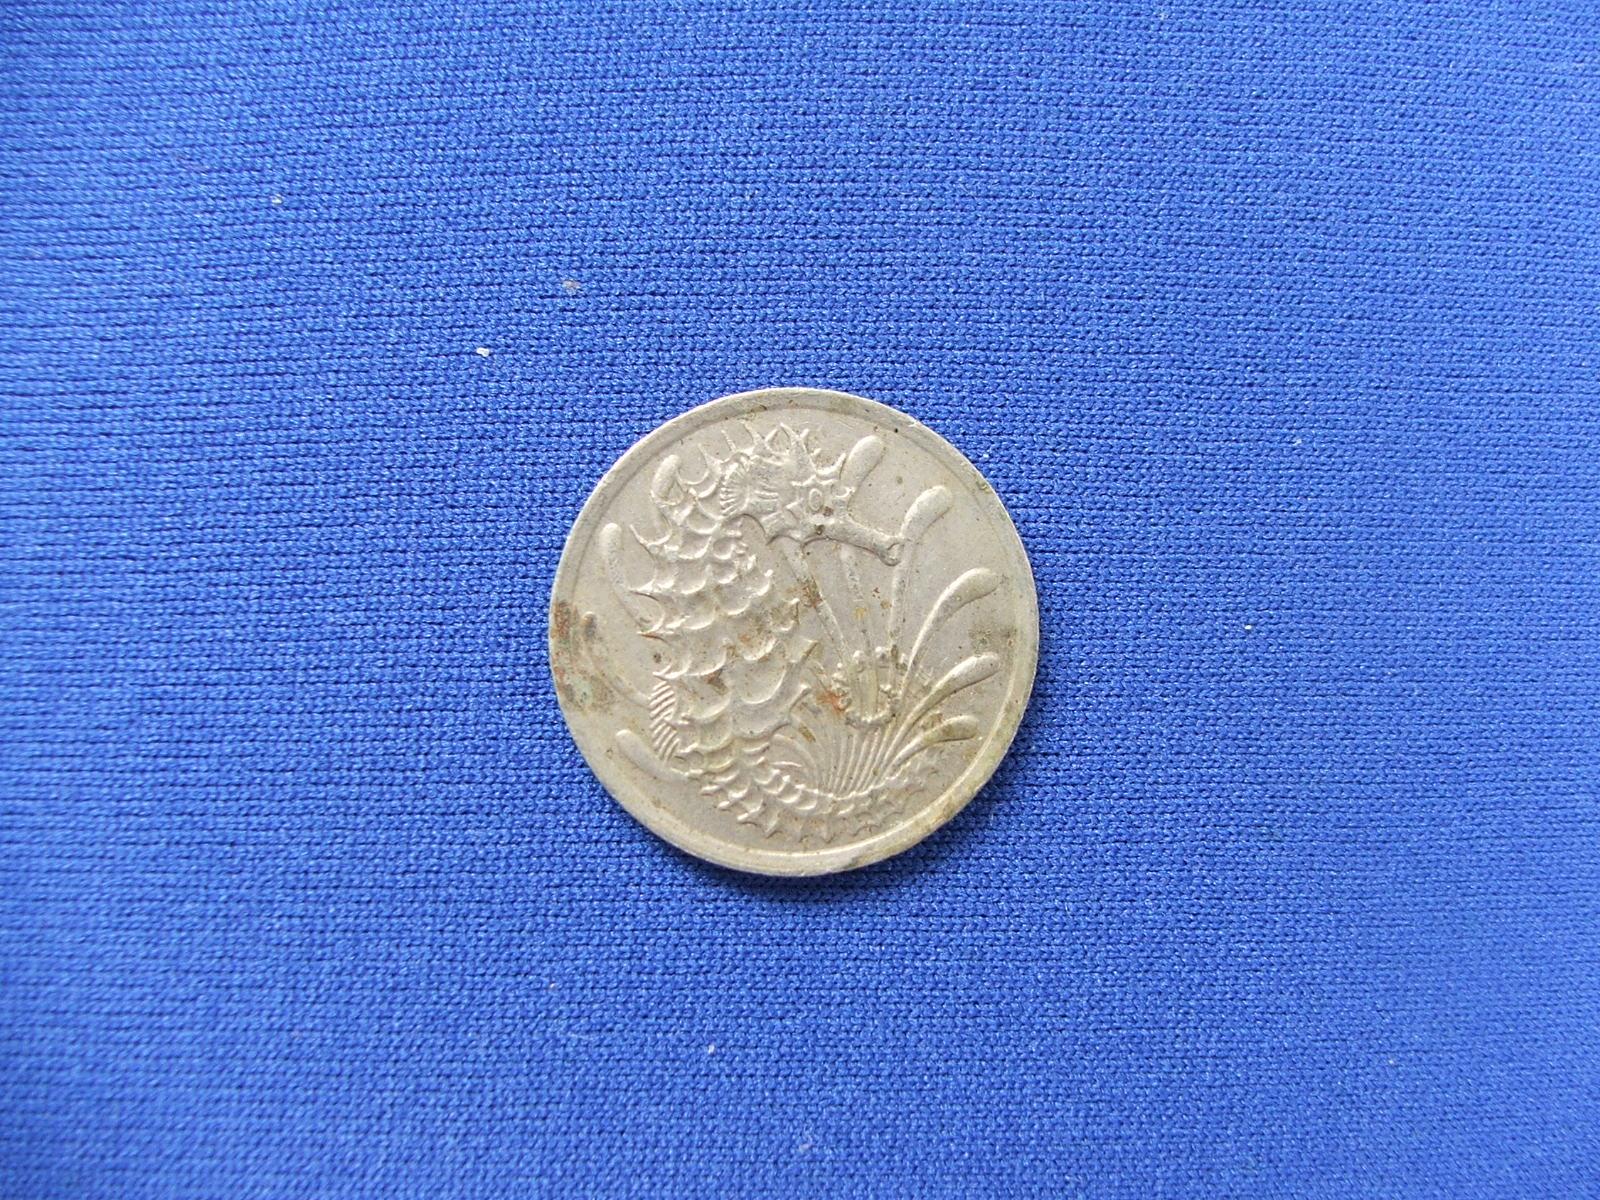 เหรียญ10 cents Singapore 1980